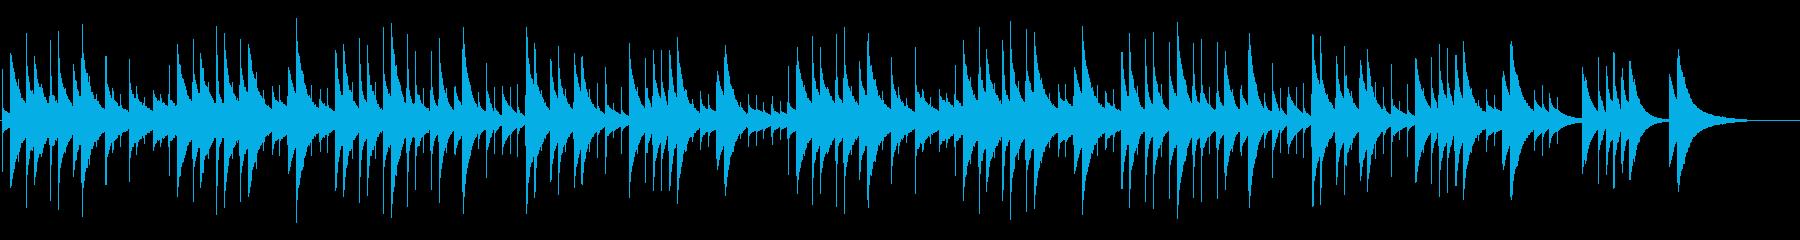 伝統的Xmasキャロル【オルゴール】の再生済みの波形